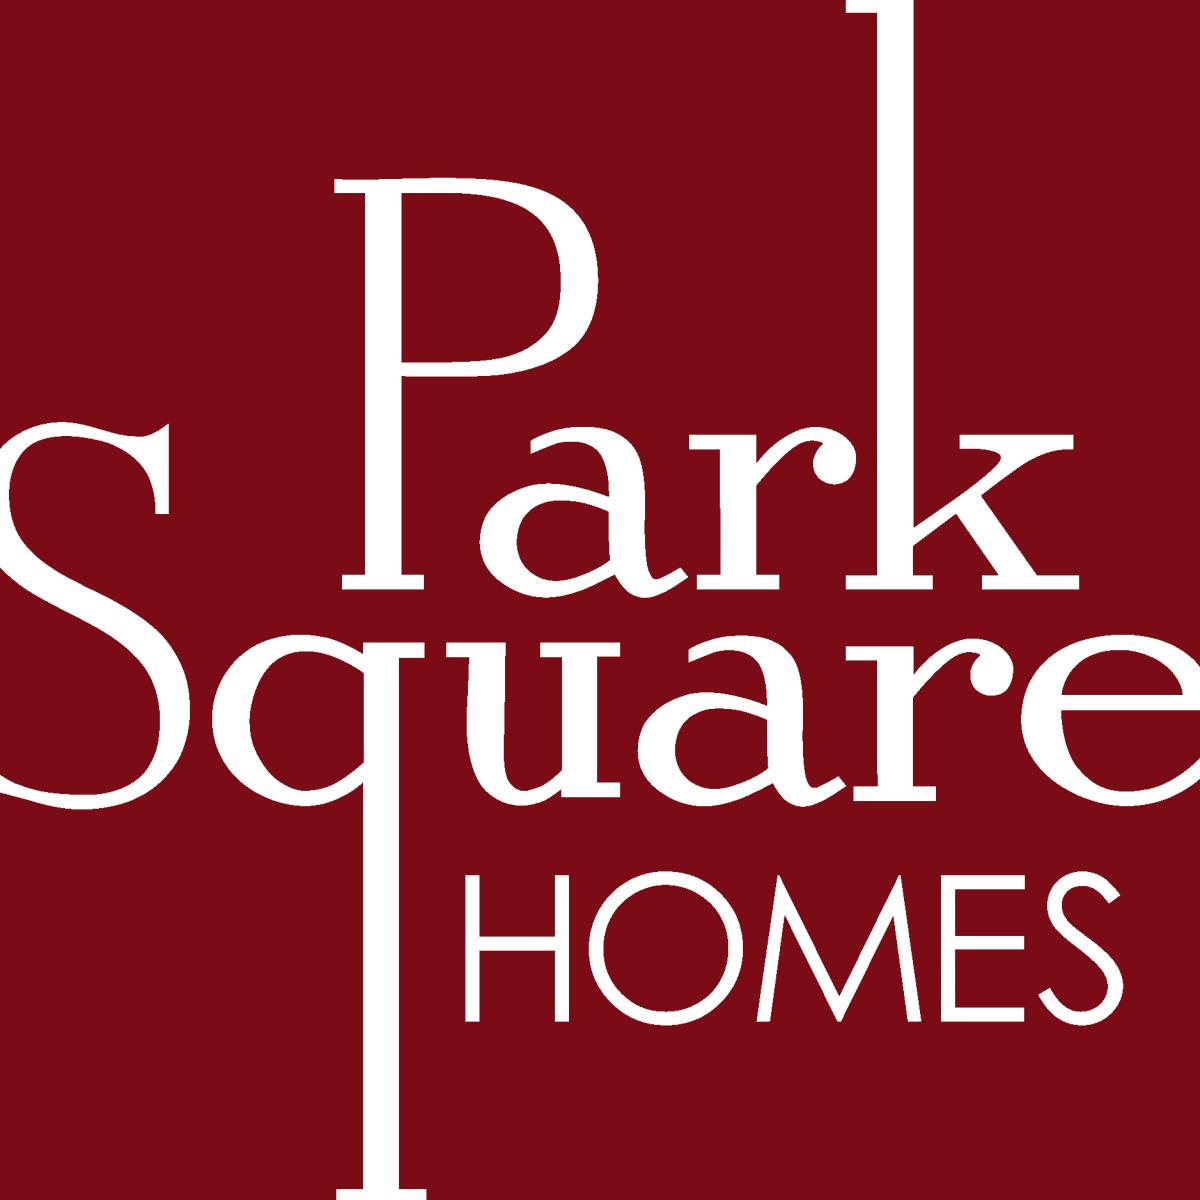 parks-sq-logo_1200.jpg